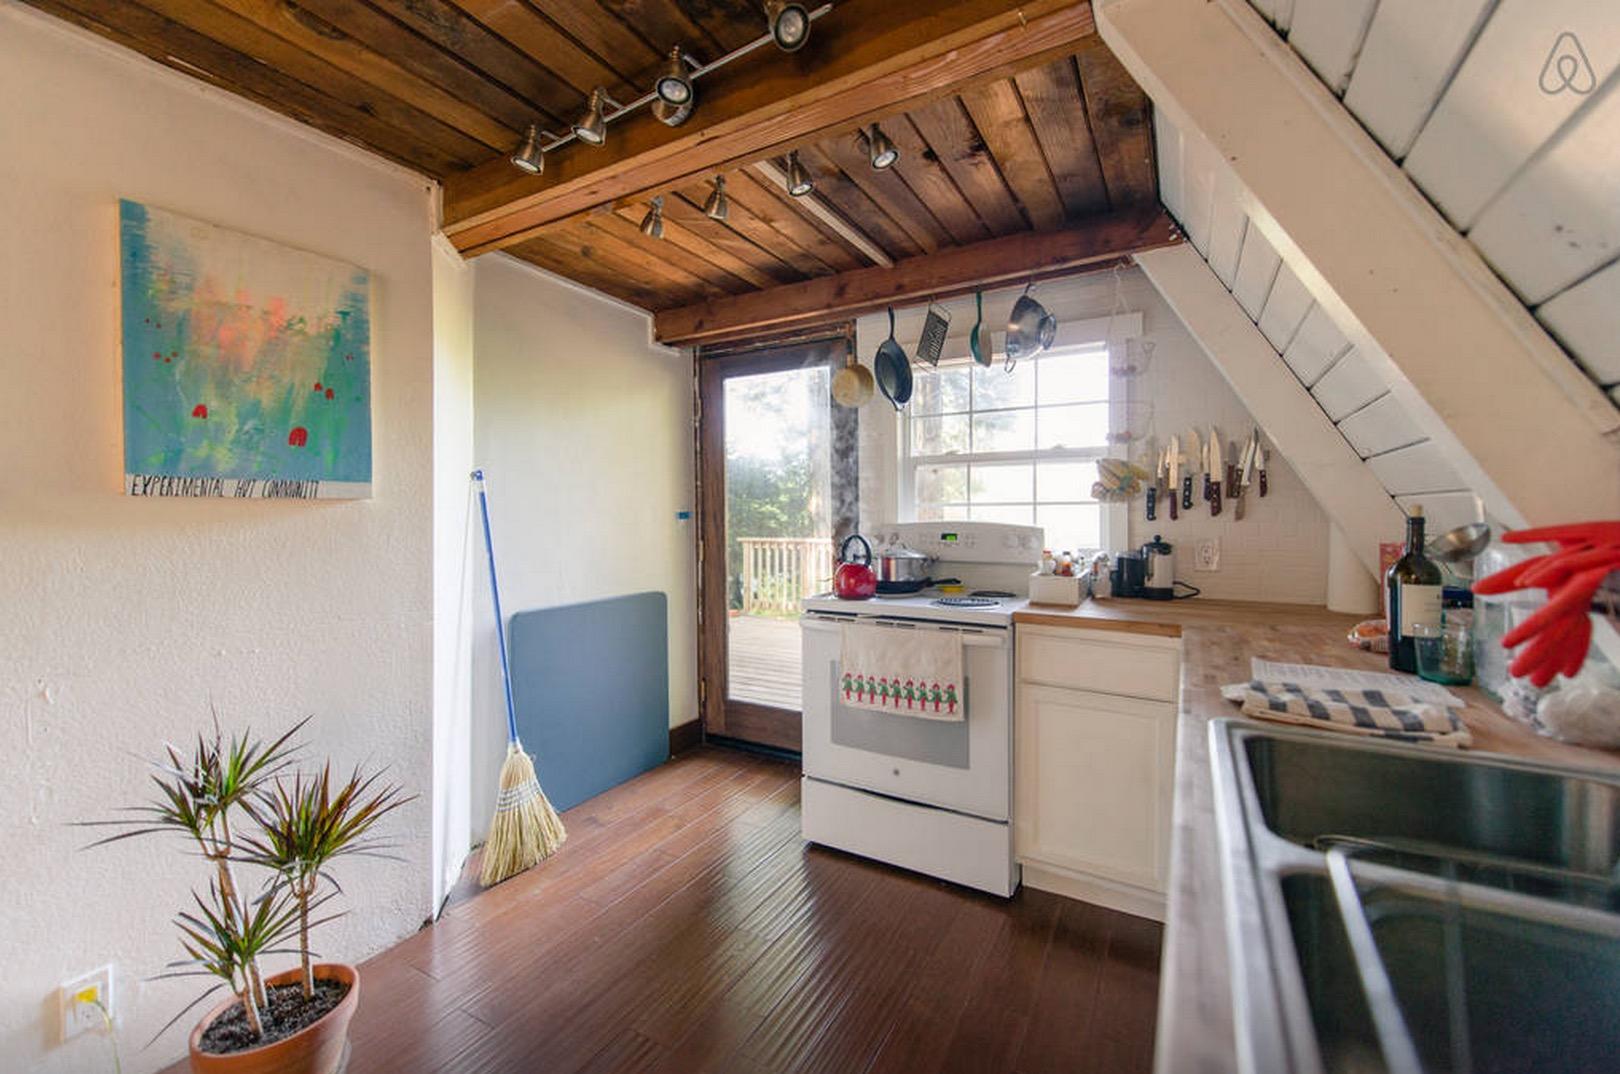 Cabin-Redwoods-Joli-Joli-Design-Cabine-11